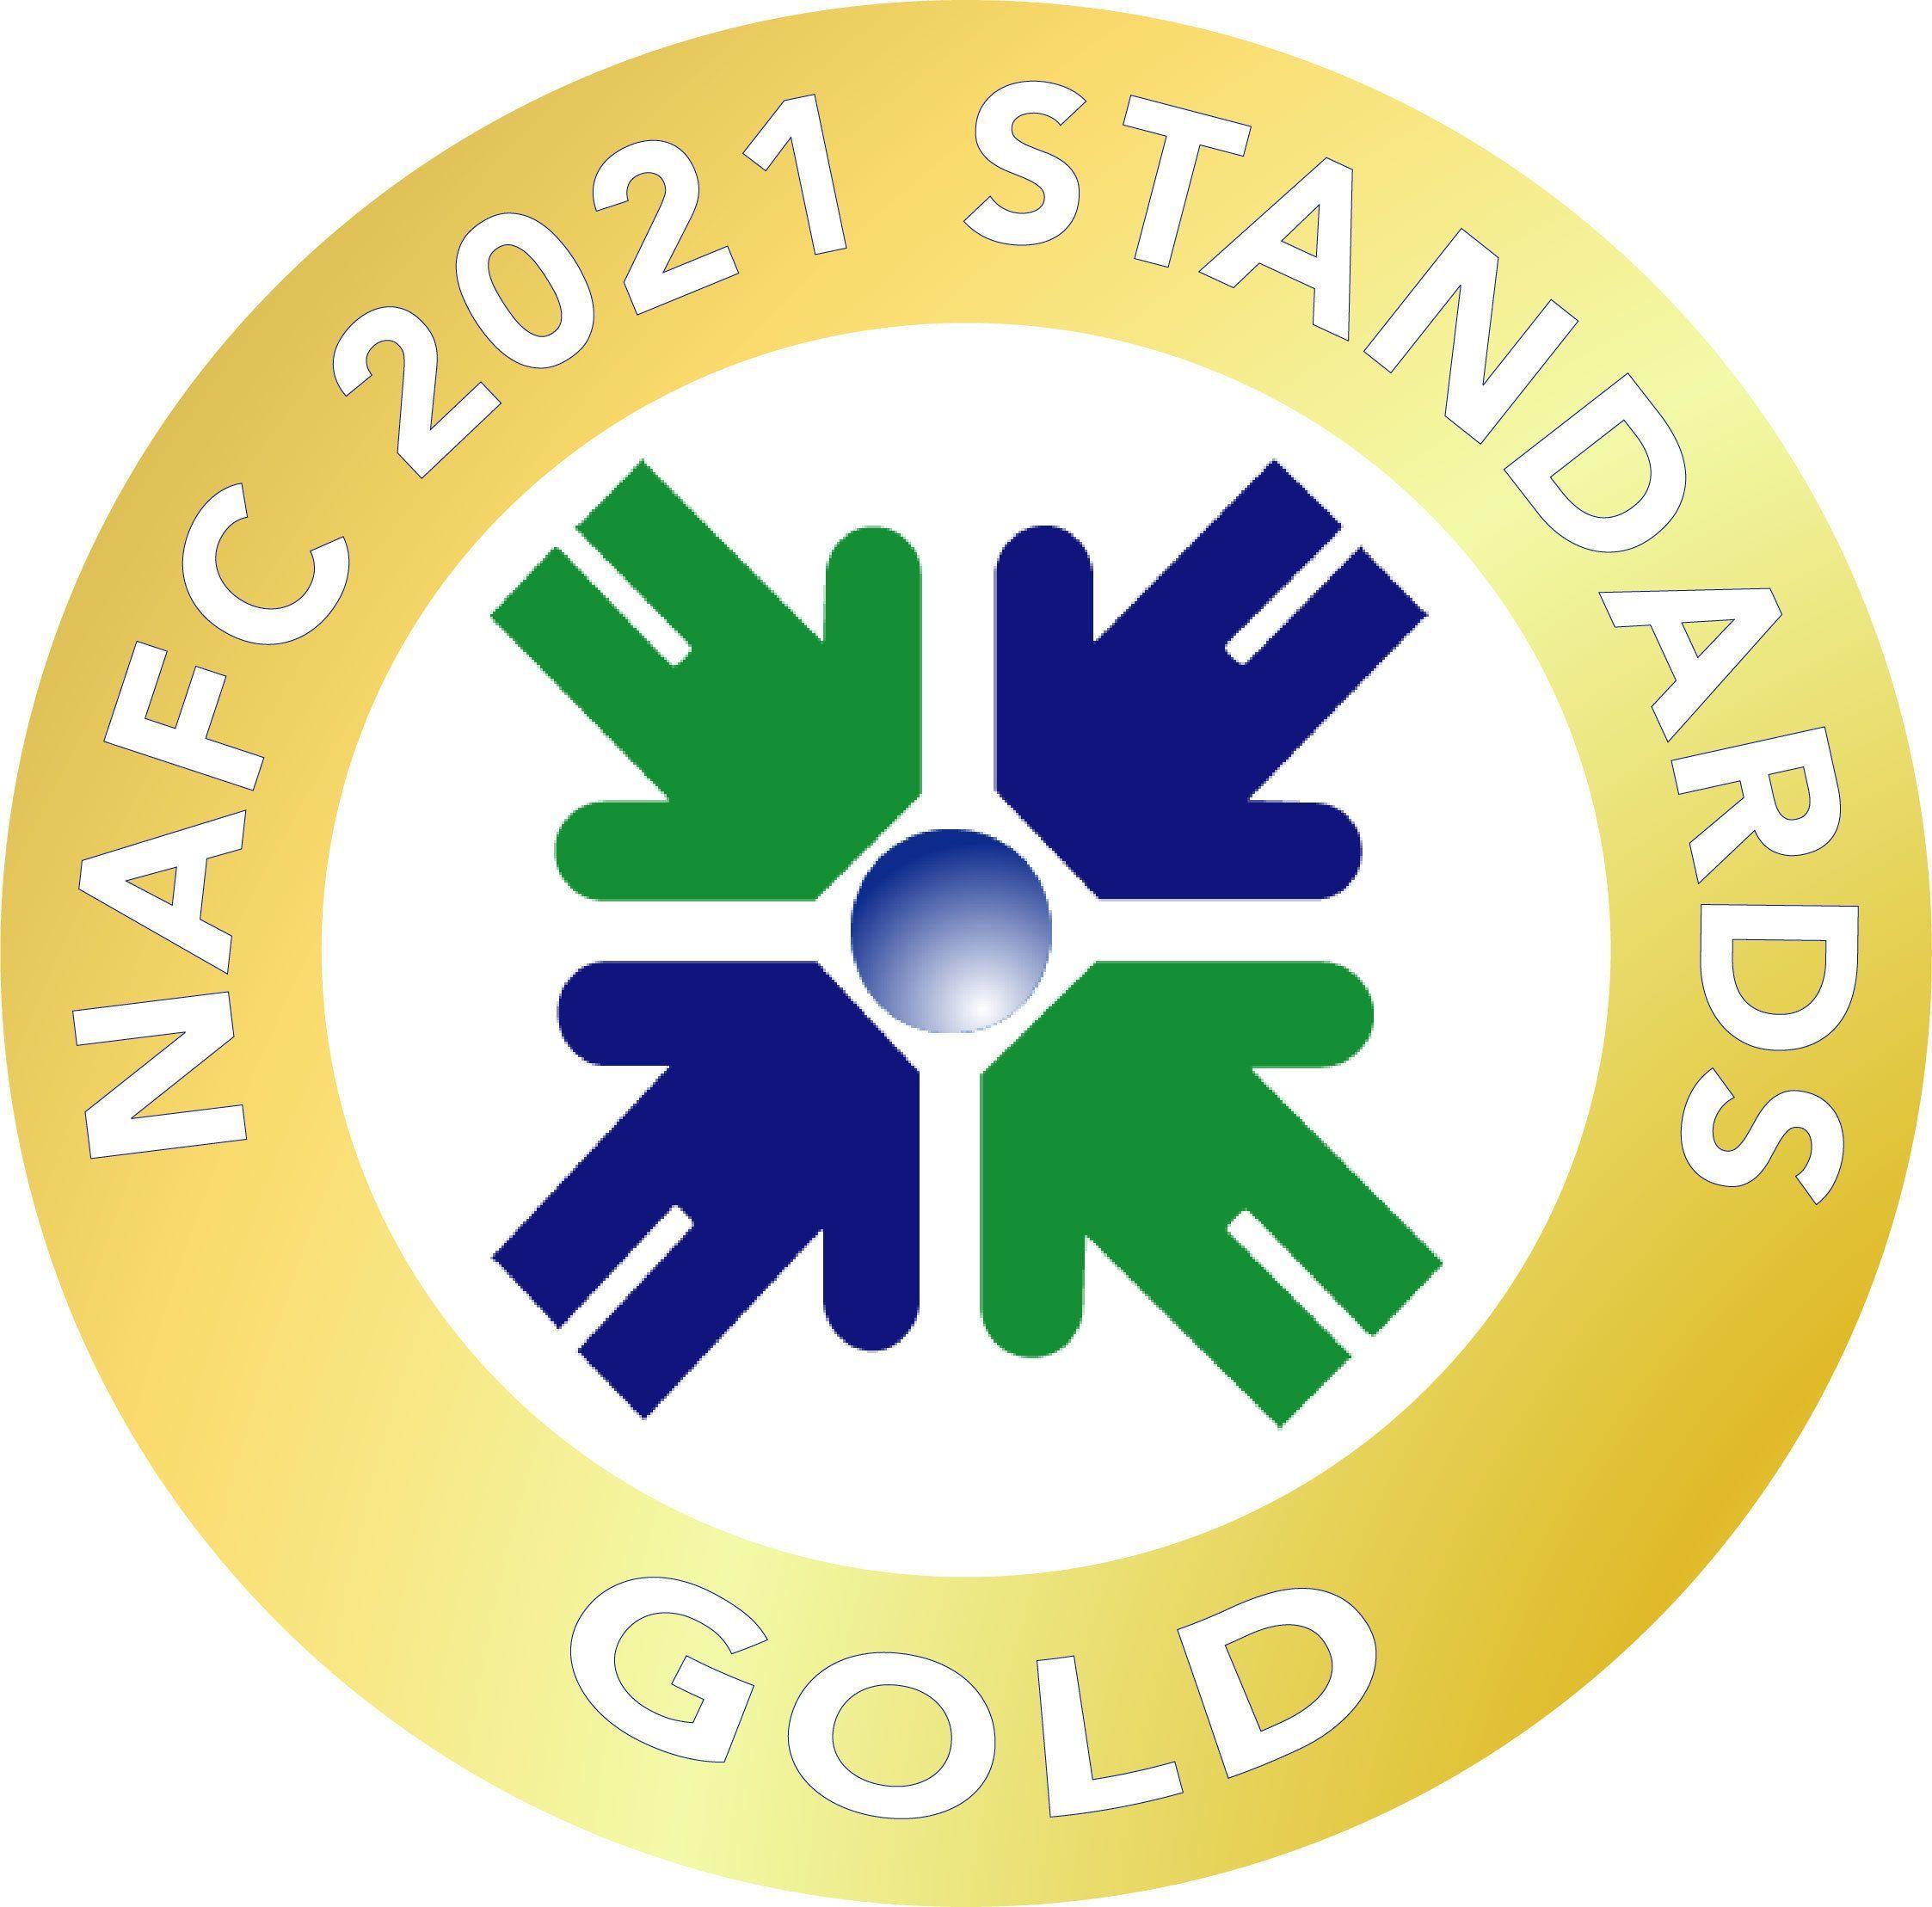 NAFC Gold Standard